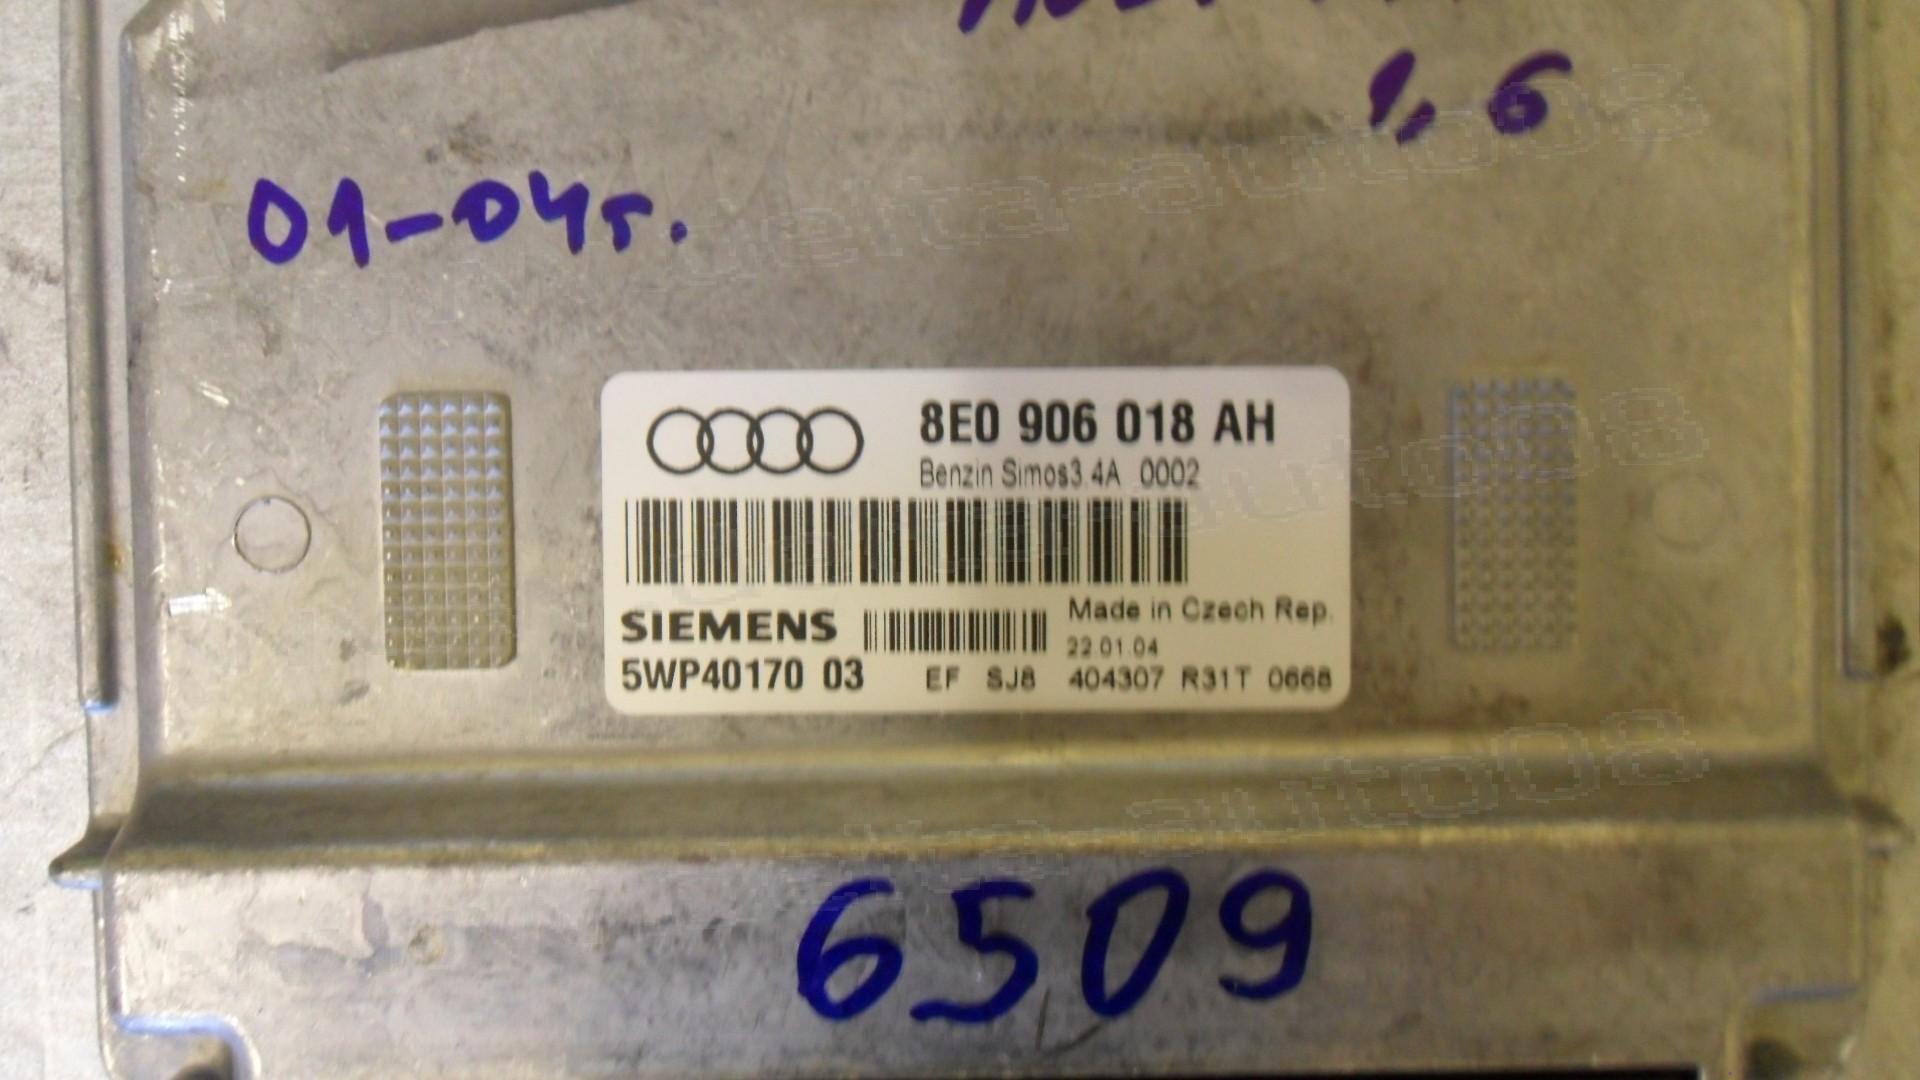 Компютър двигател за Audi A4, 1.6, 2001-2004г., 8E0 906 018 AH, 8E0906018AH, 5WP4170 03, 5WP4017003